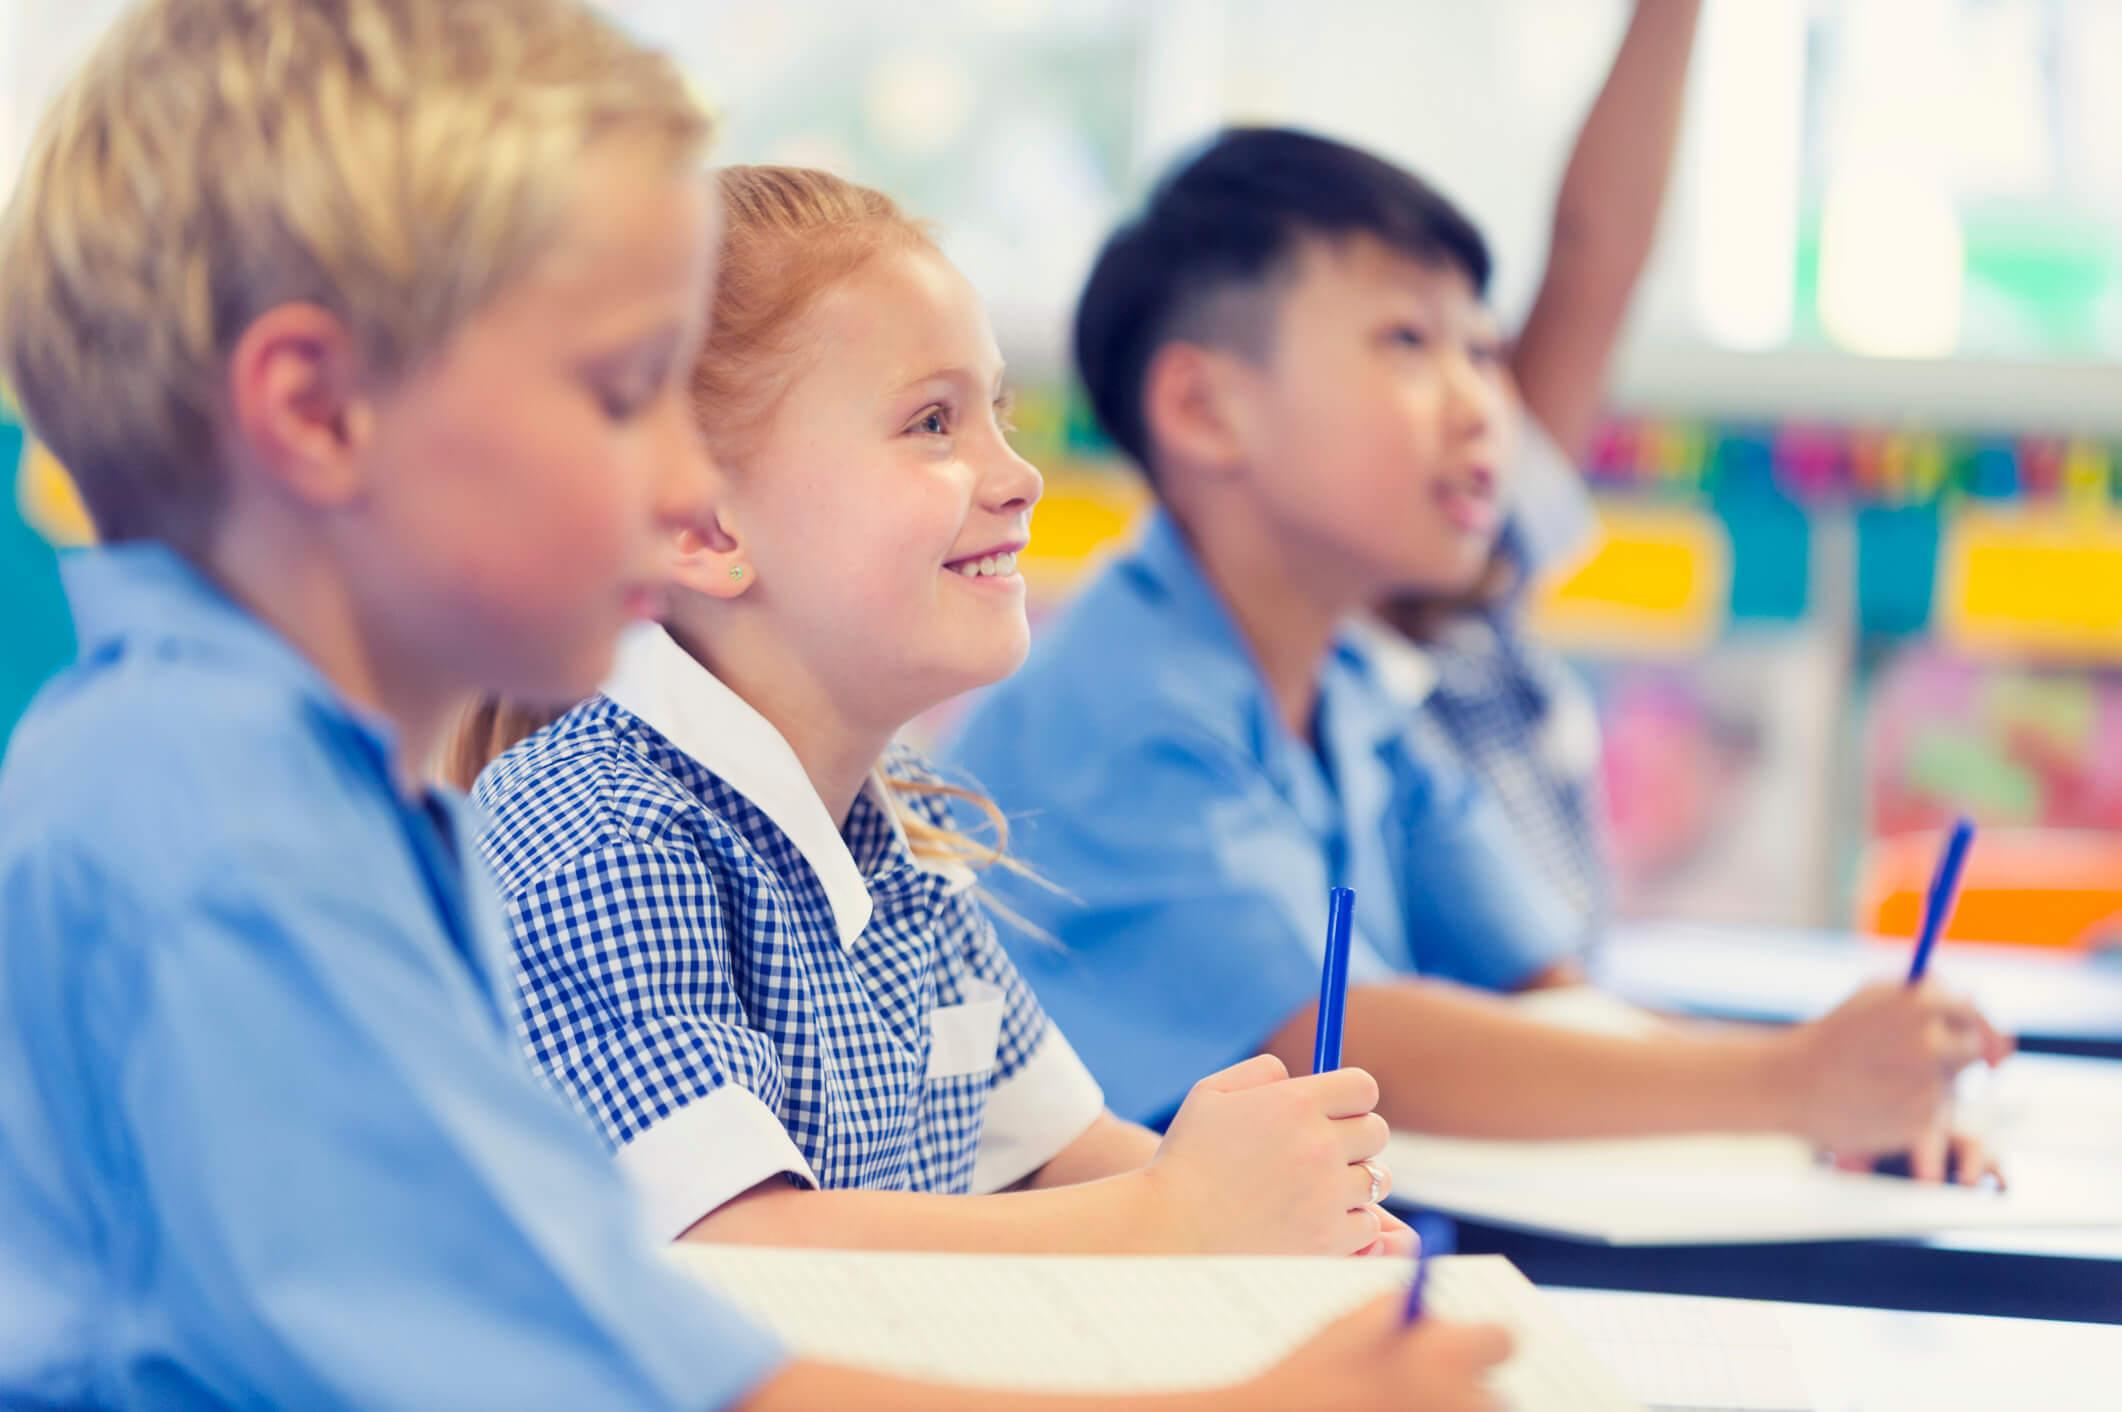 Quais os principais indicadores de gestão da educação?